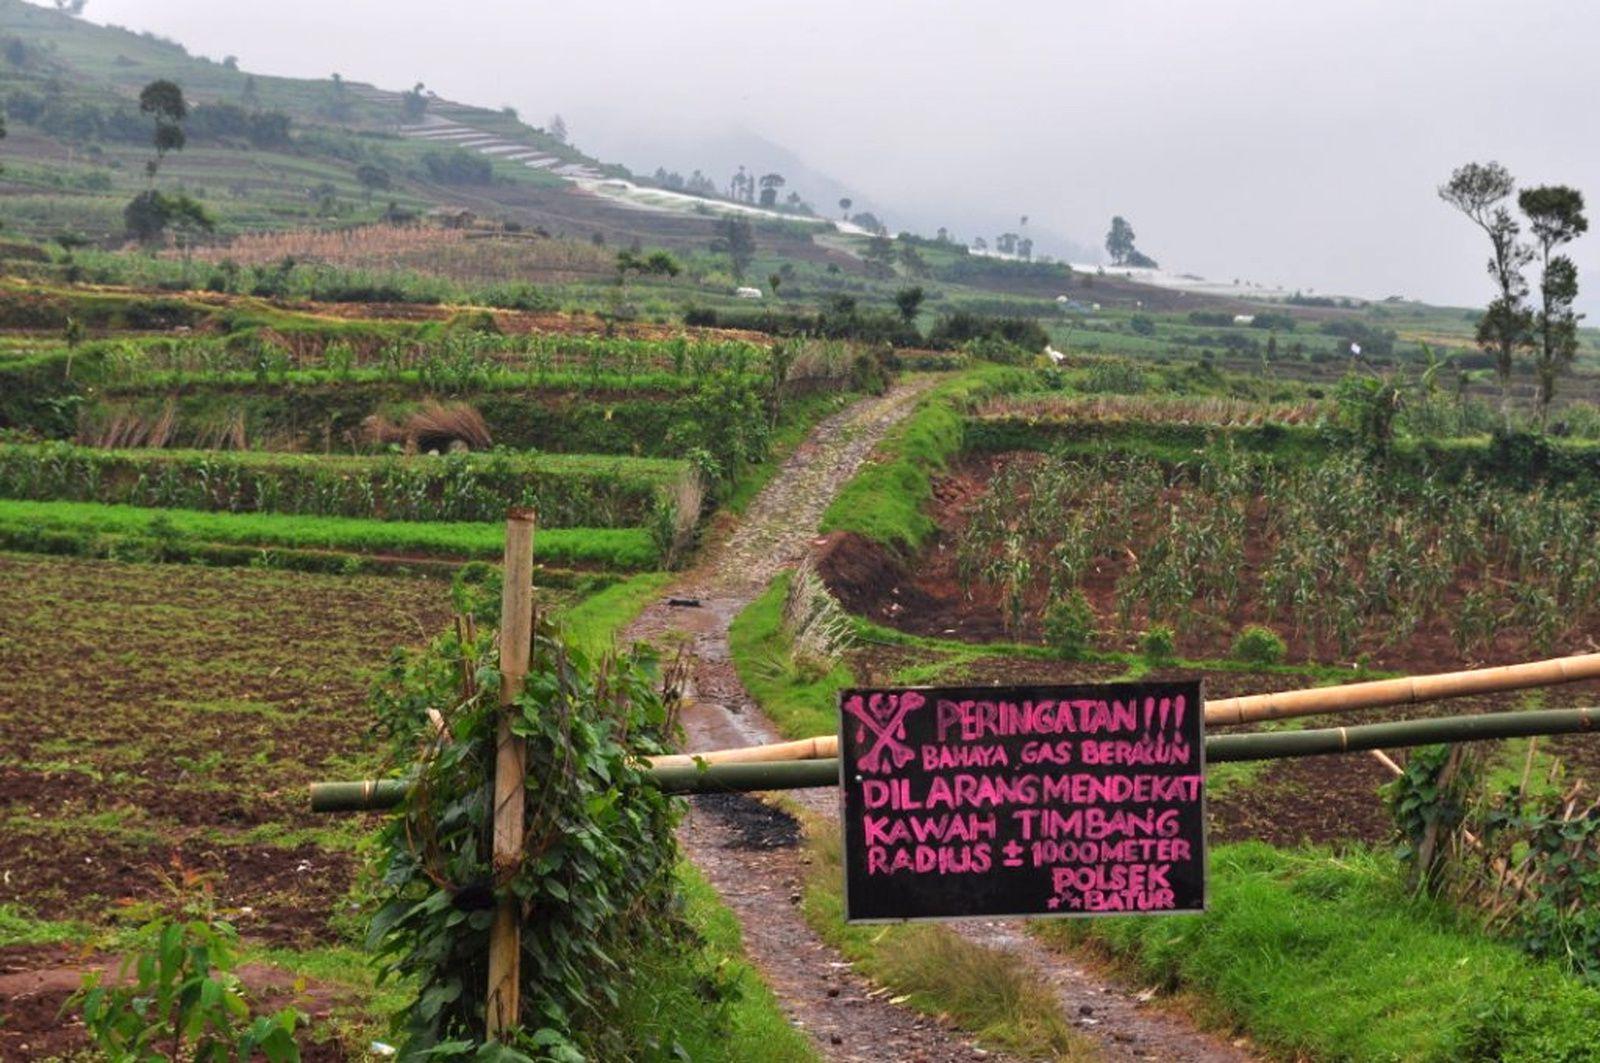 Plateau de Dieng - interdiction d'accès au cratère Timbang en raison d'émanations de gaz - photo Andi (Adi Susanto Rosadi) guide Volcanodiscovery- 29.05.2011